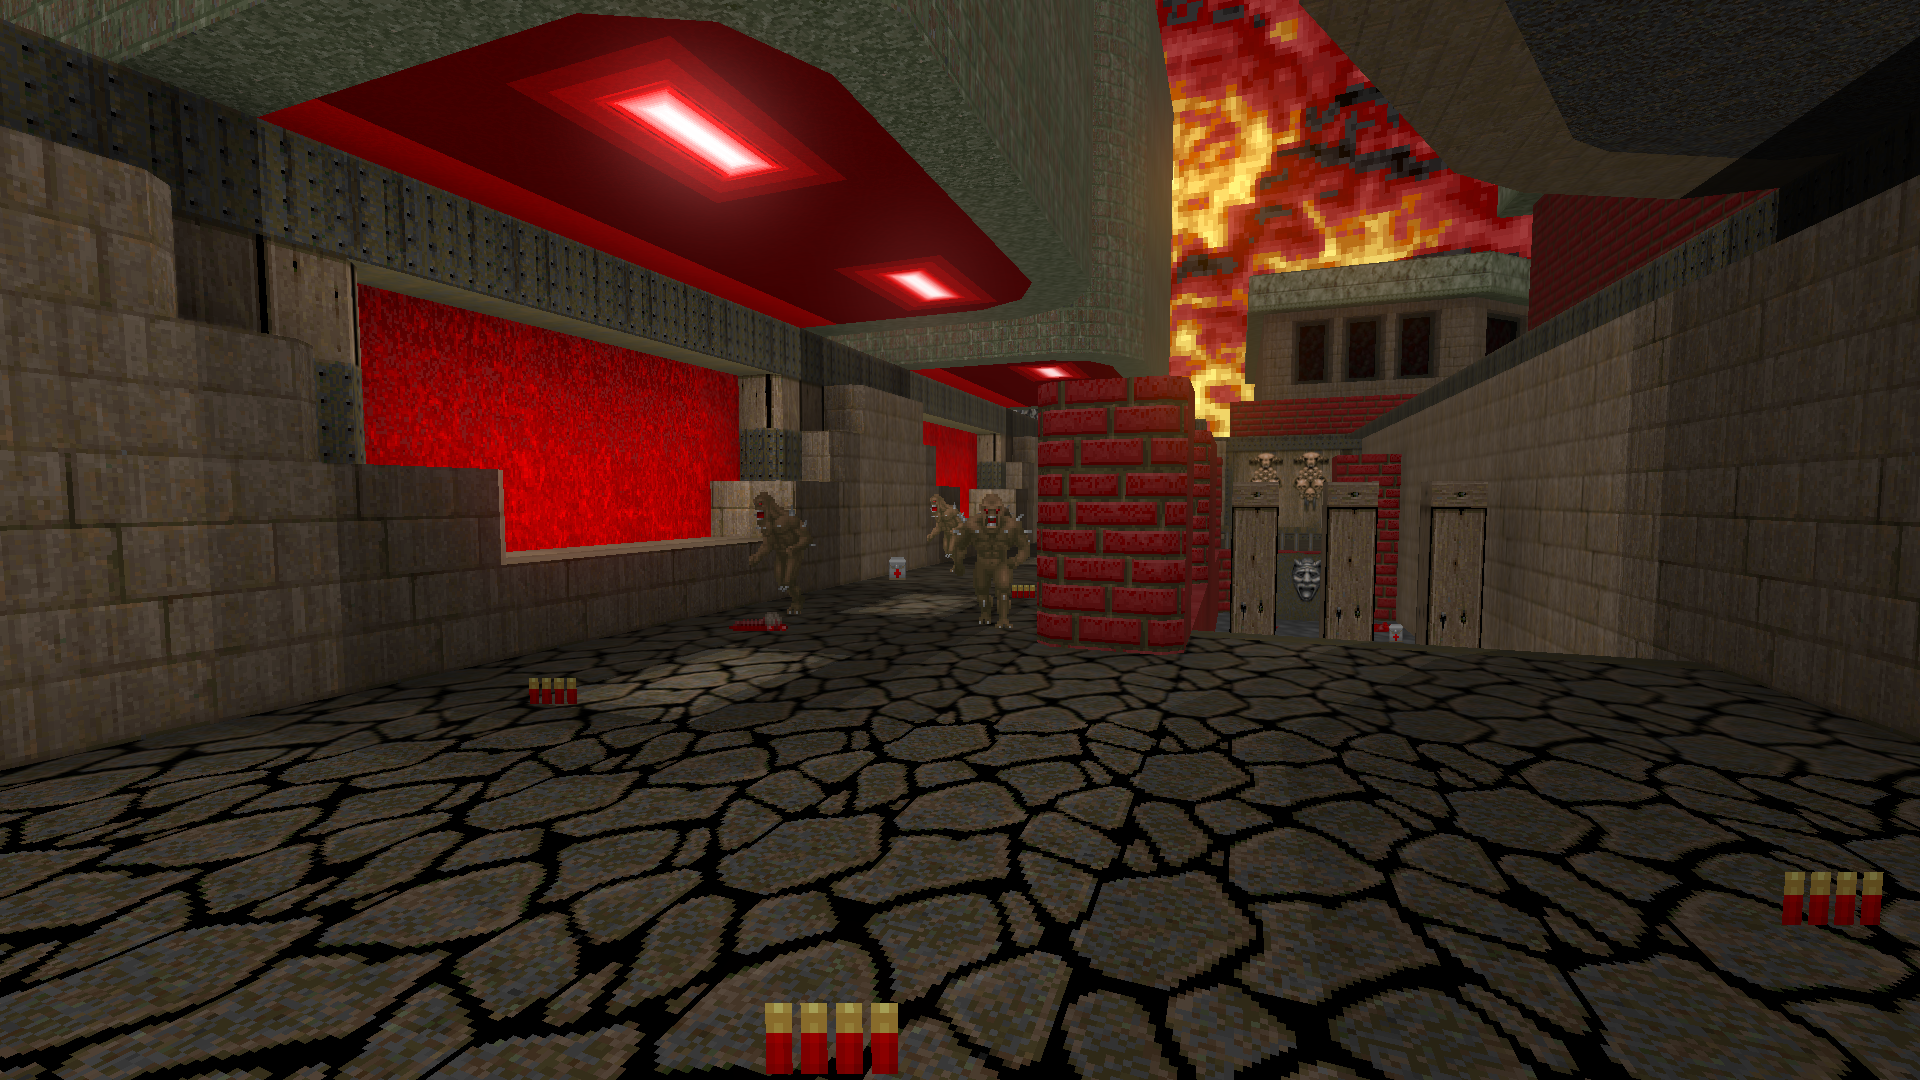 Screenshot_Doom_20210501_133559.png.0e988497b5f8aaf5faee434891d52a7c.png